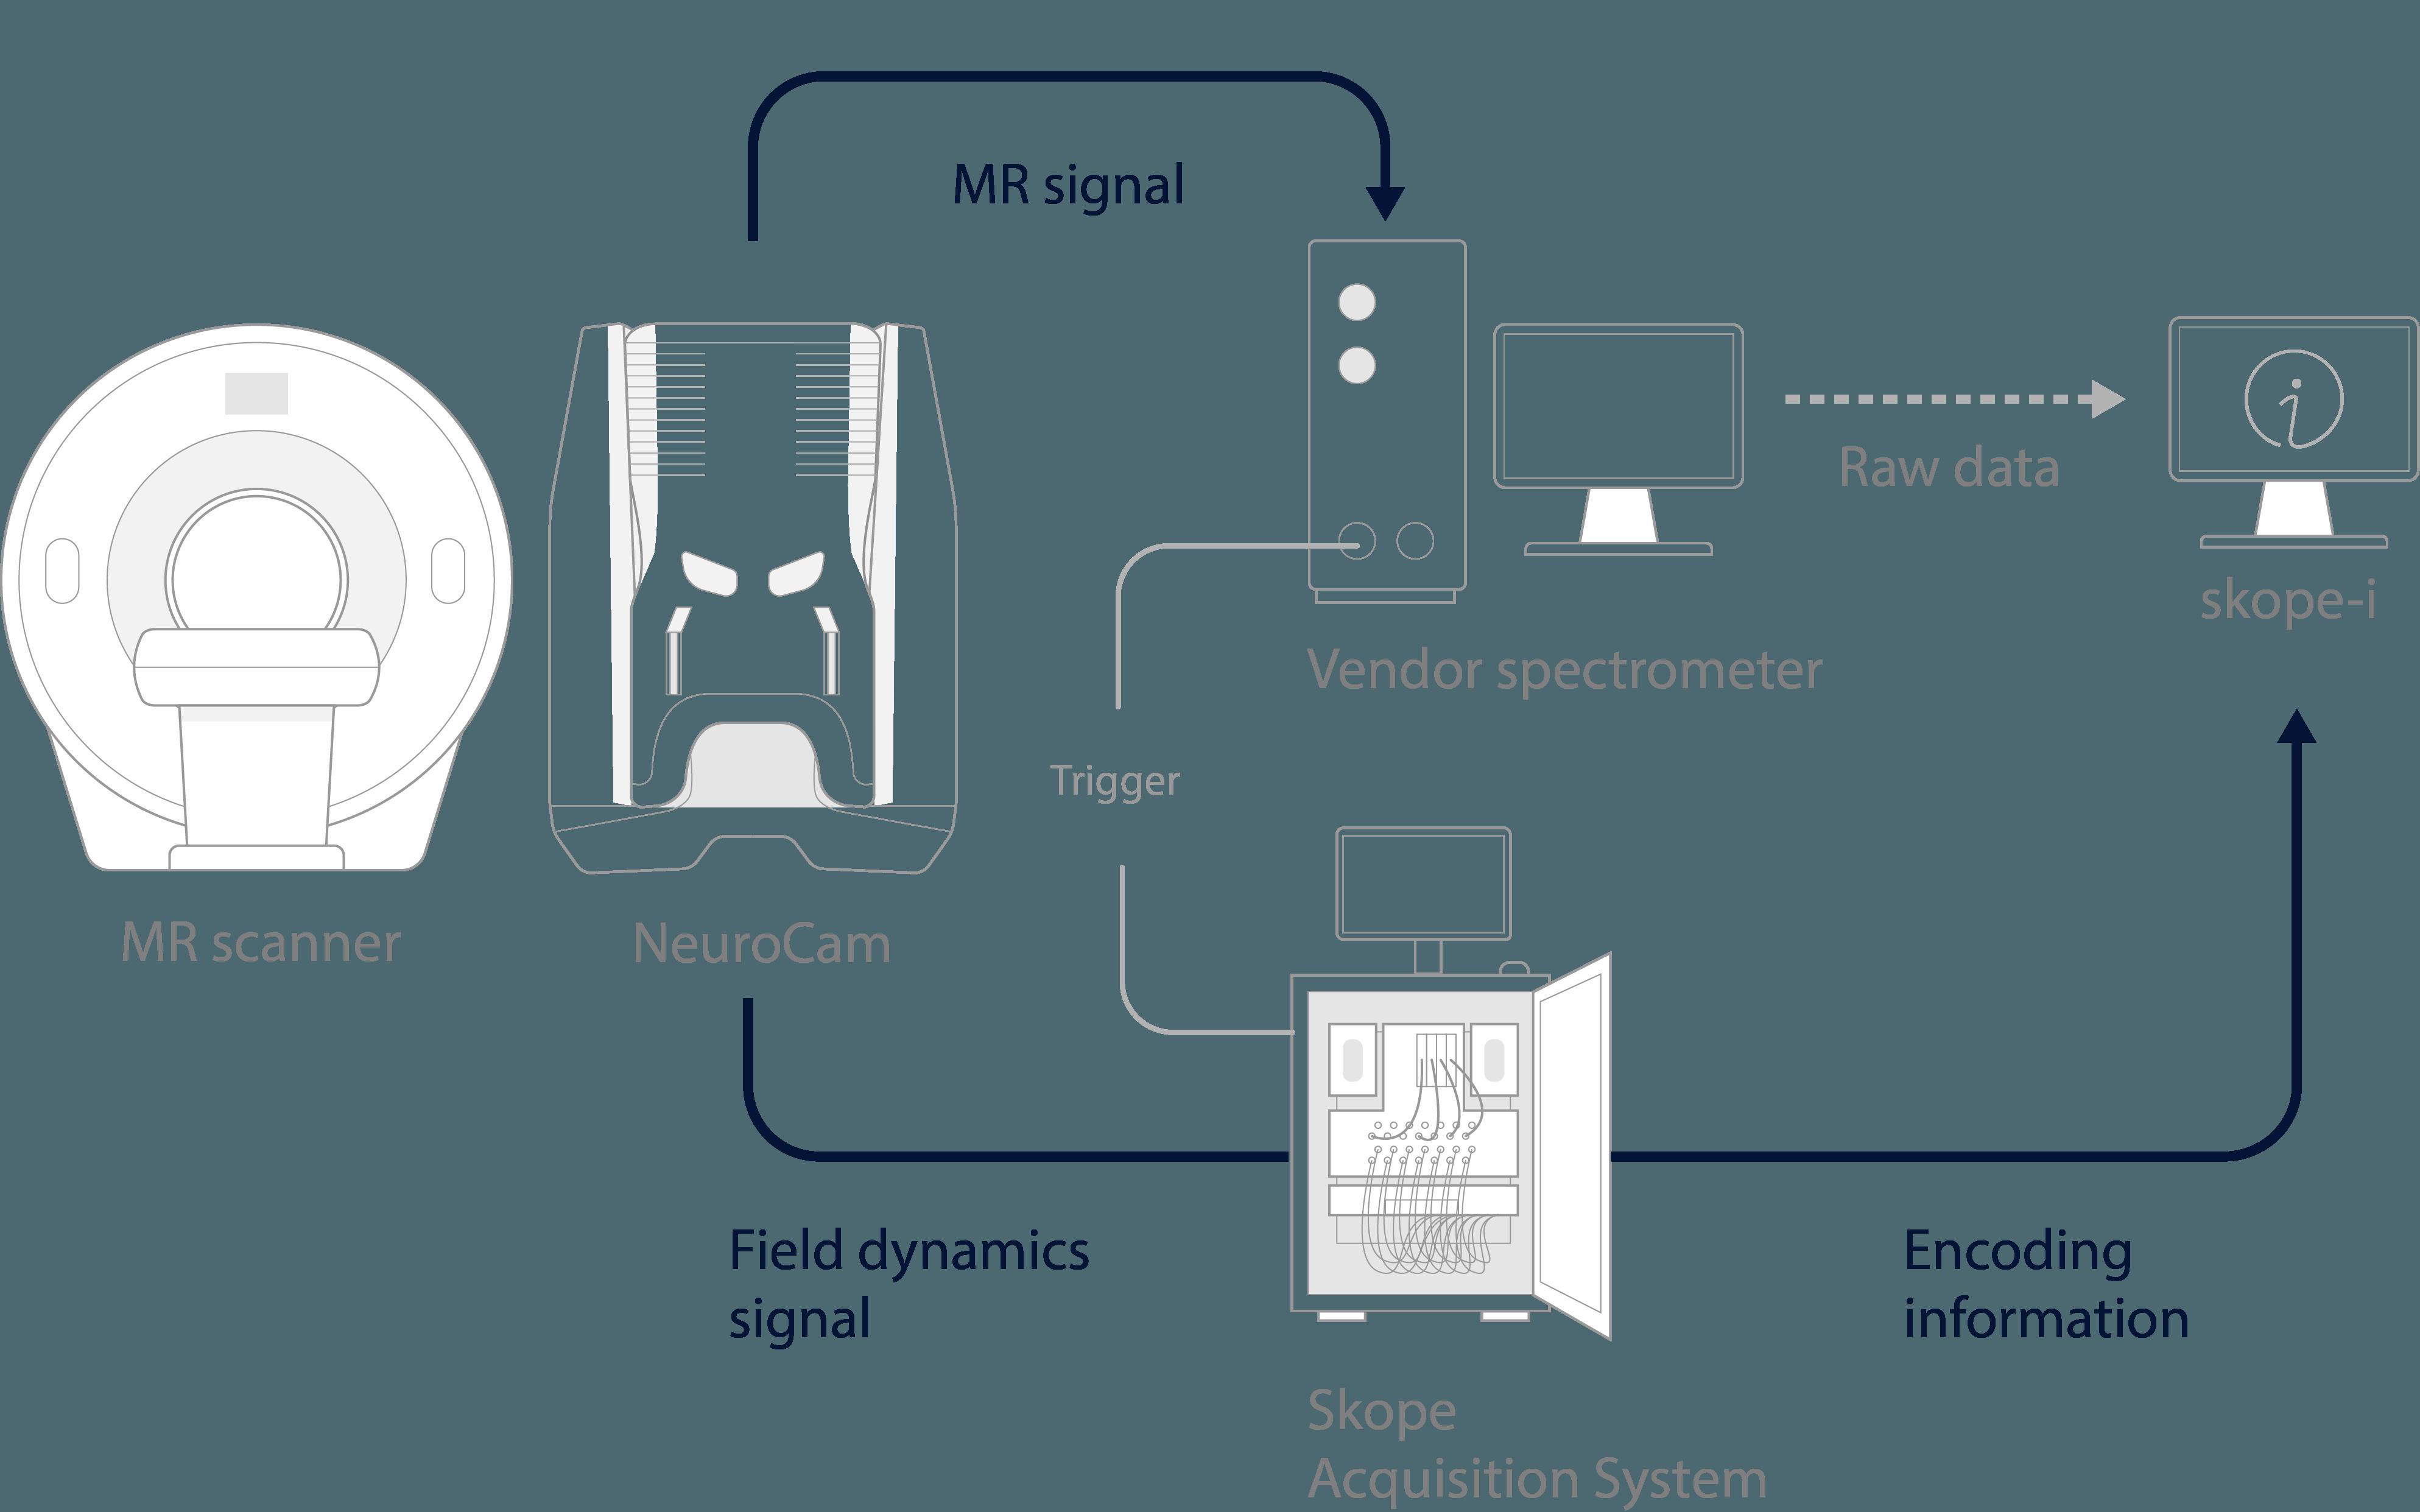 Integration Diagram into MRI Setup with NeuroCam